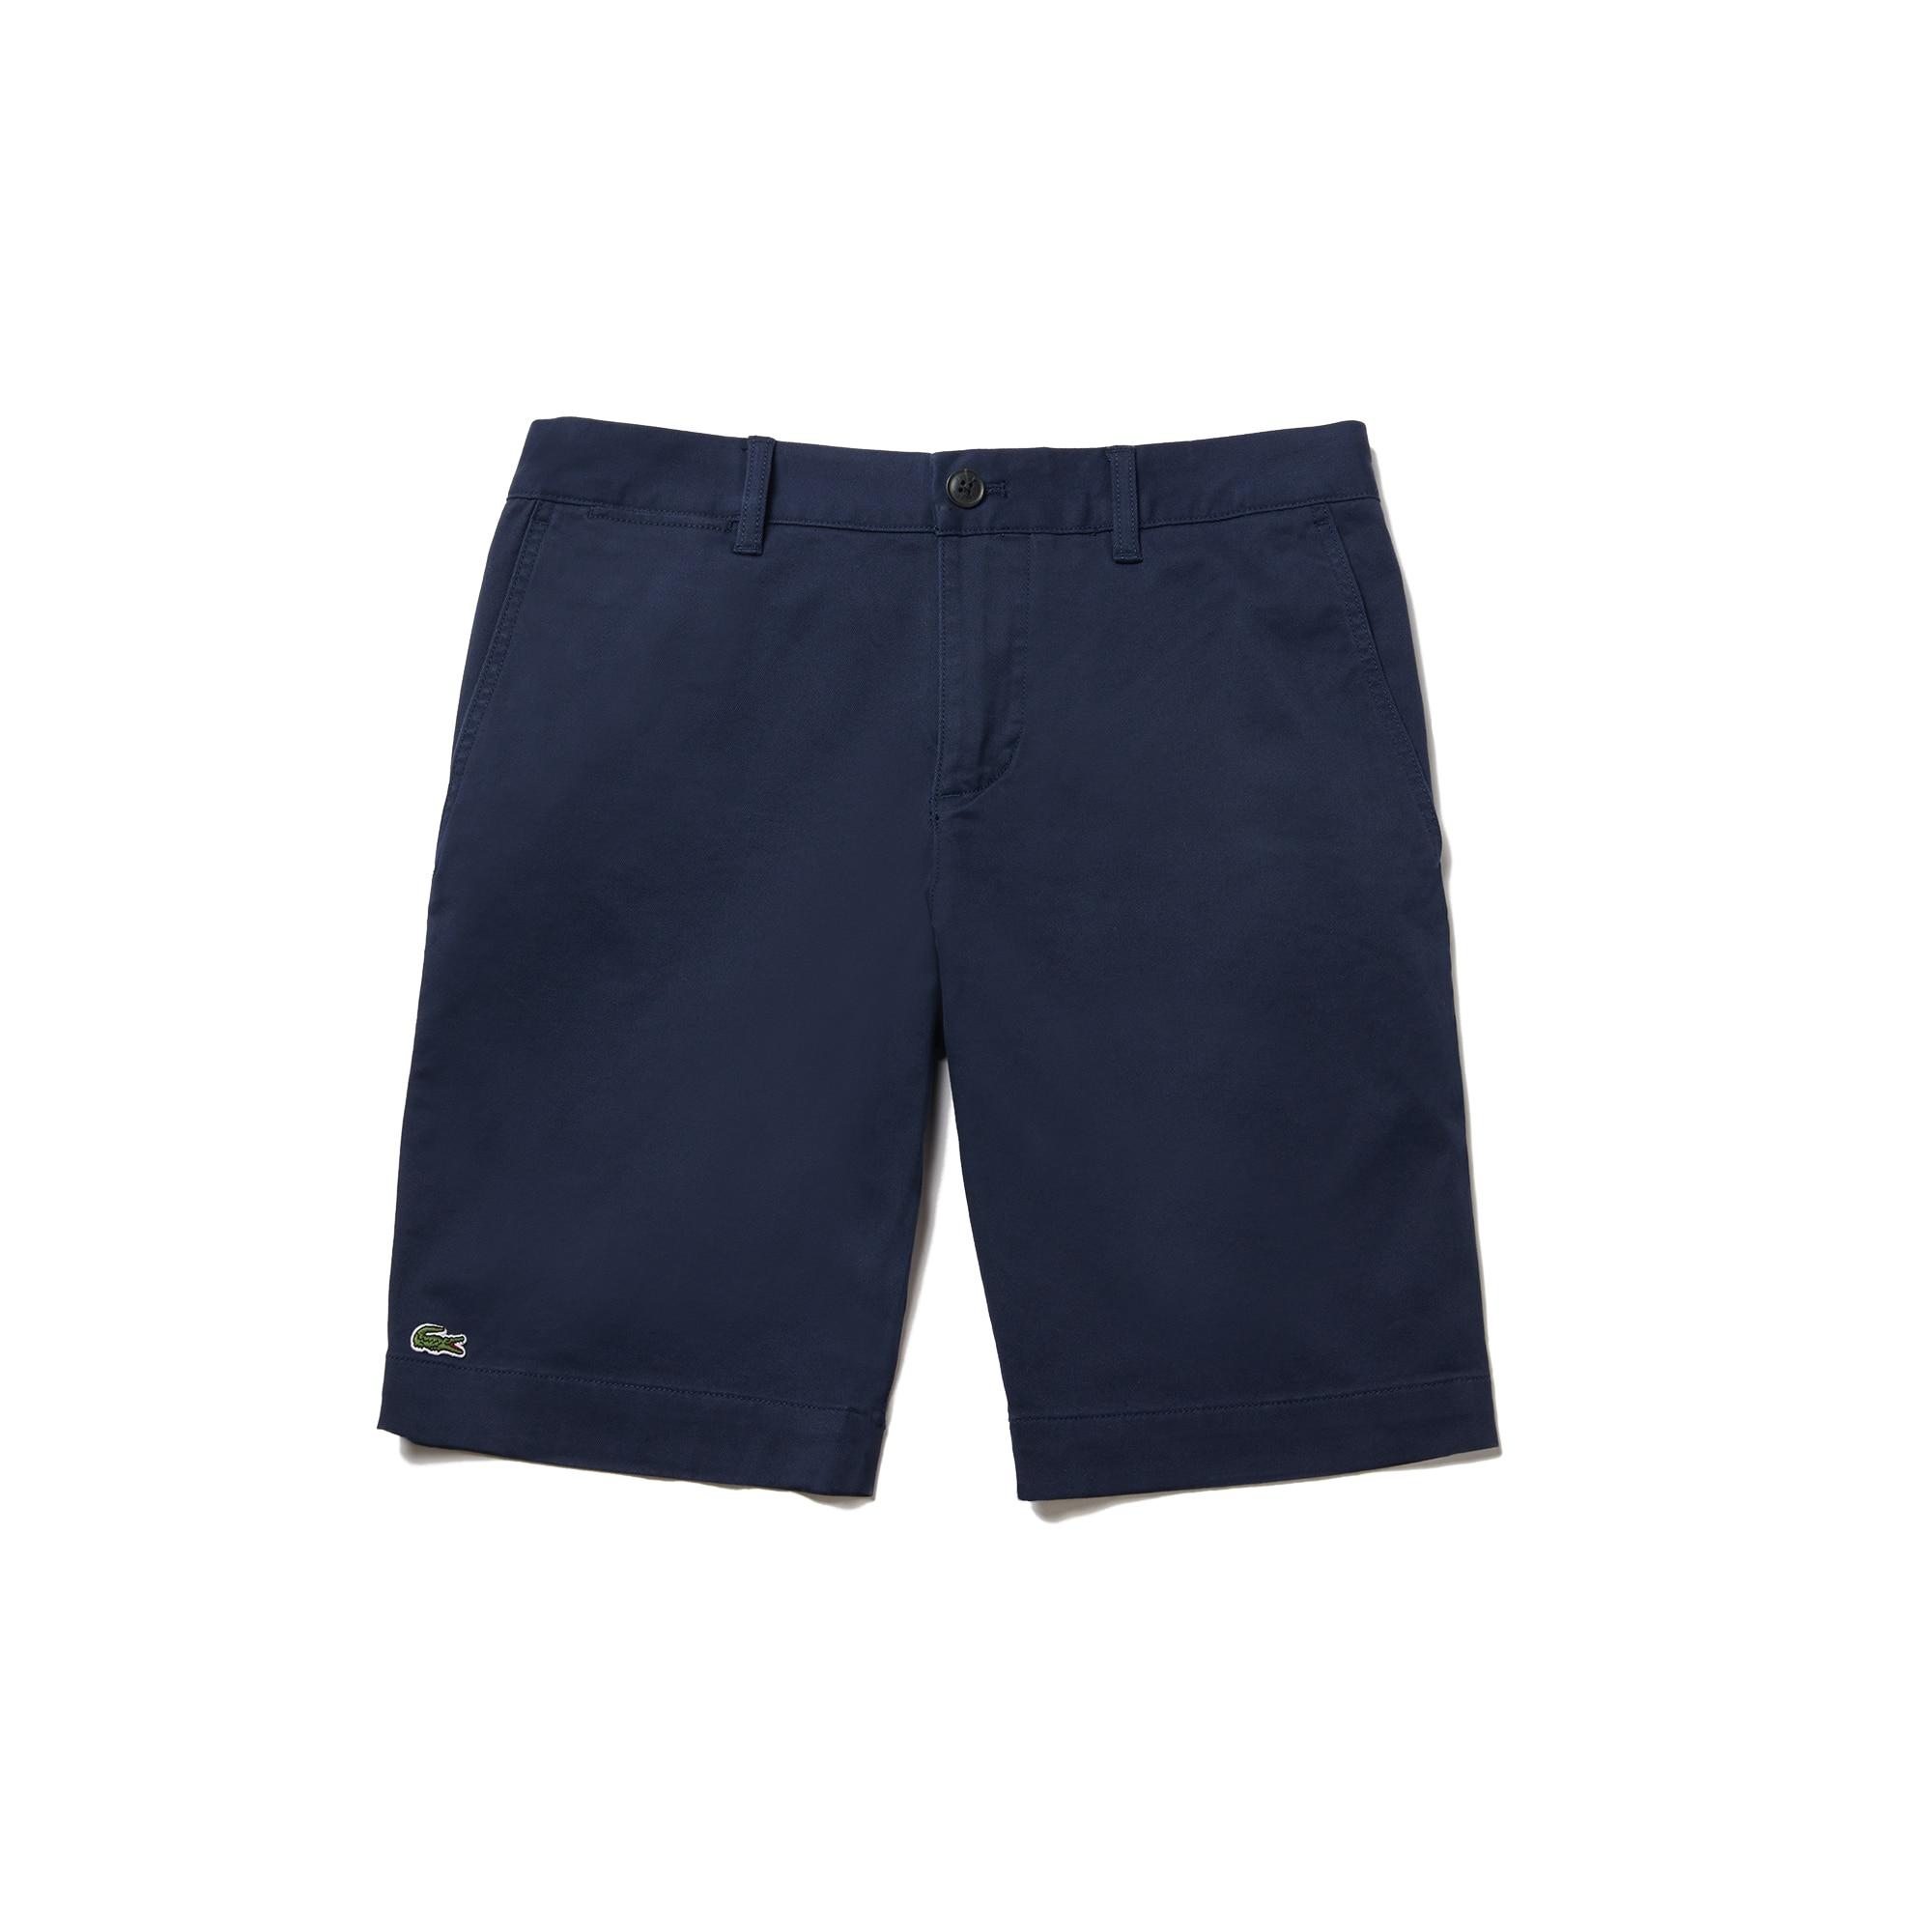 라코스테 반바지 Lacoste Mens Slim Fit Stretch Bermuda Shorts,NAVY BLUE